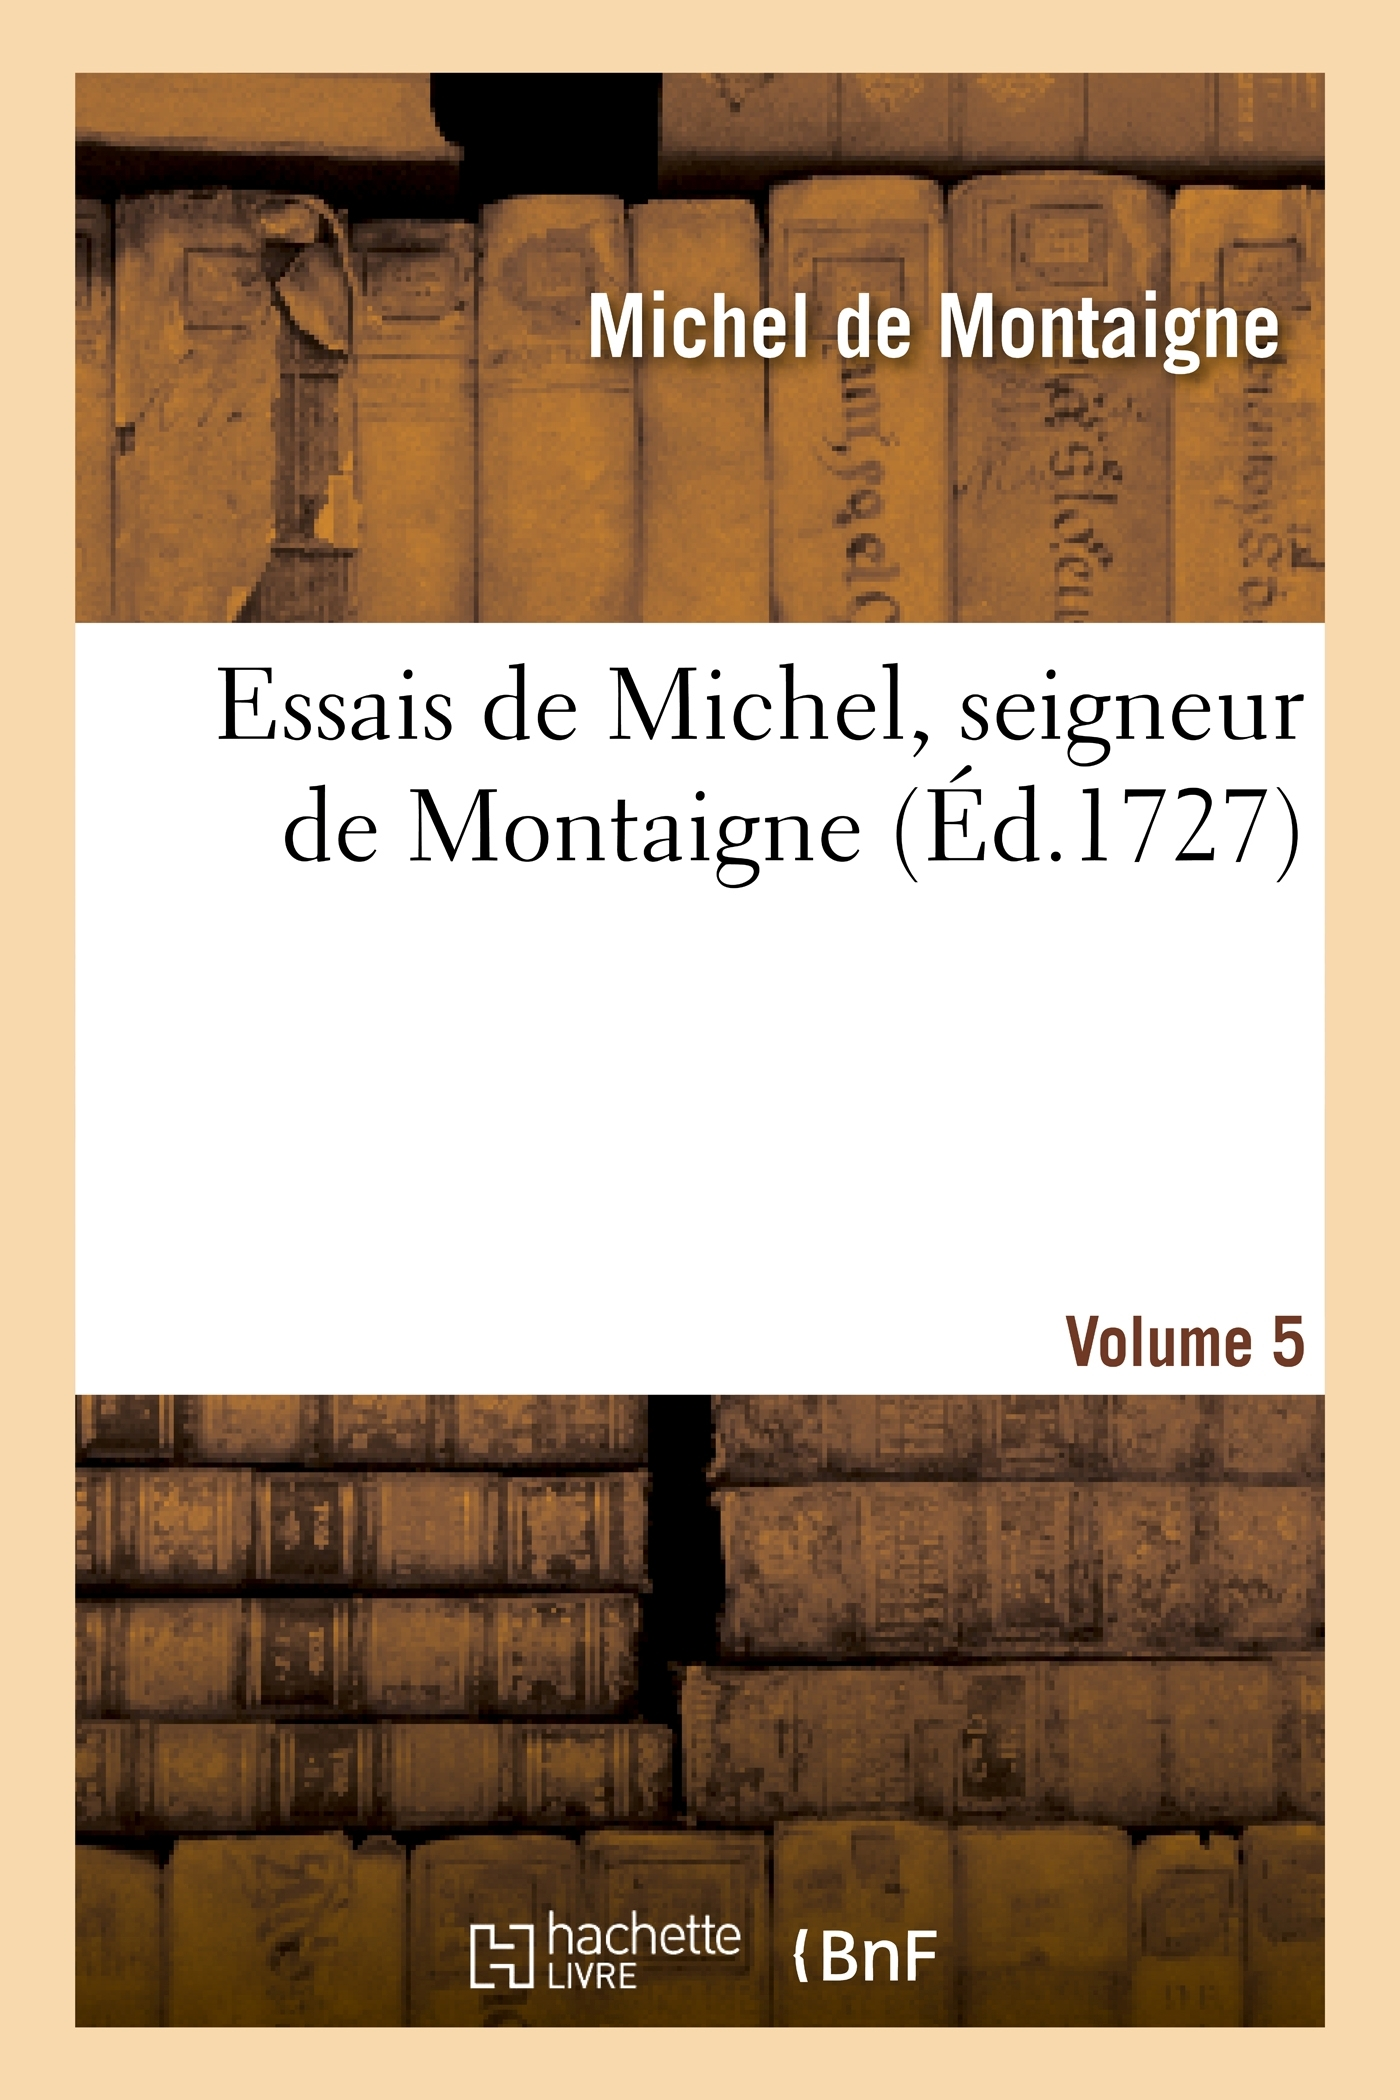 ESSAIS DE MICHEL, SEIGNEUR DE MONTAIGNE. VOLUME 5